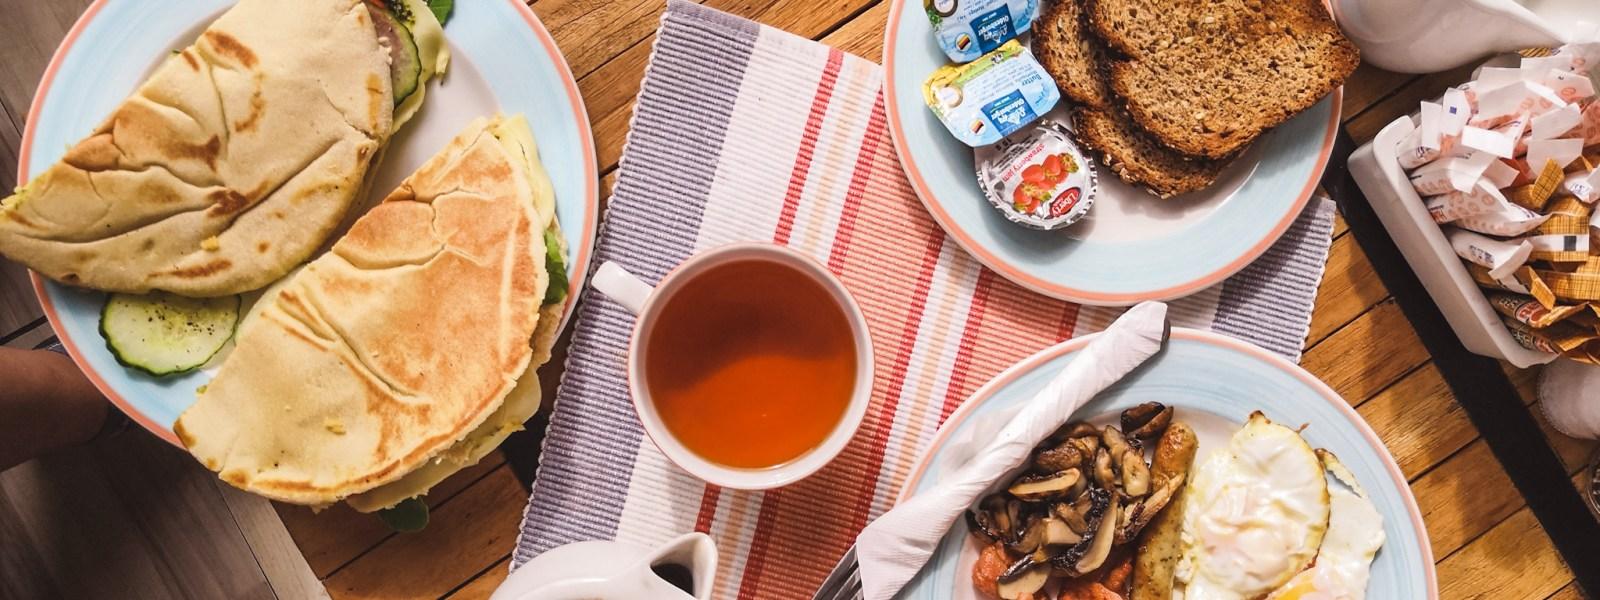 De 10 leukste restaurants in Swakopmund, Namibië